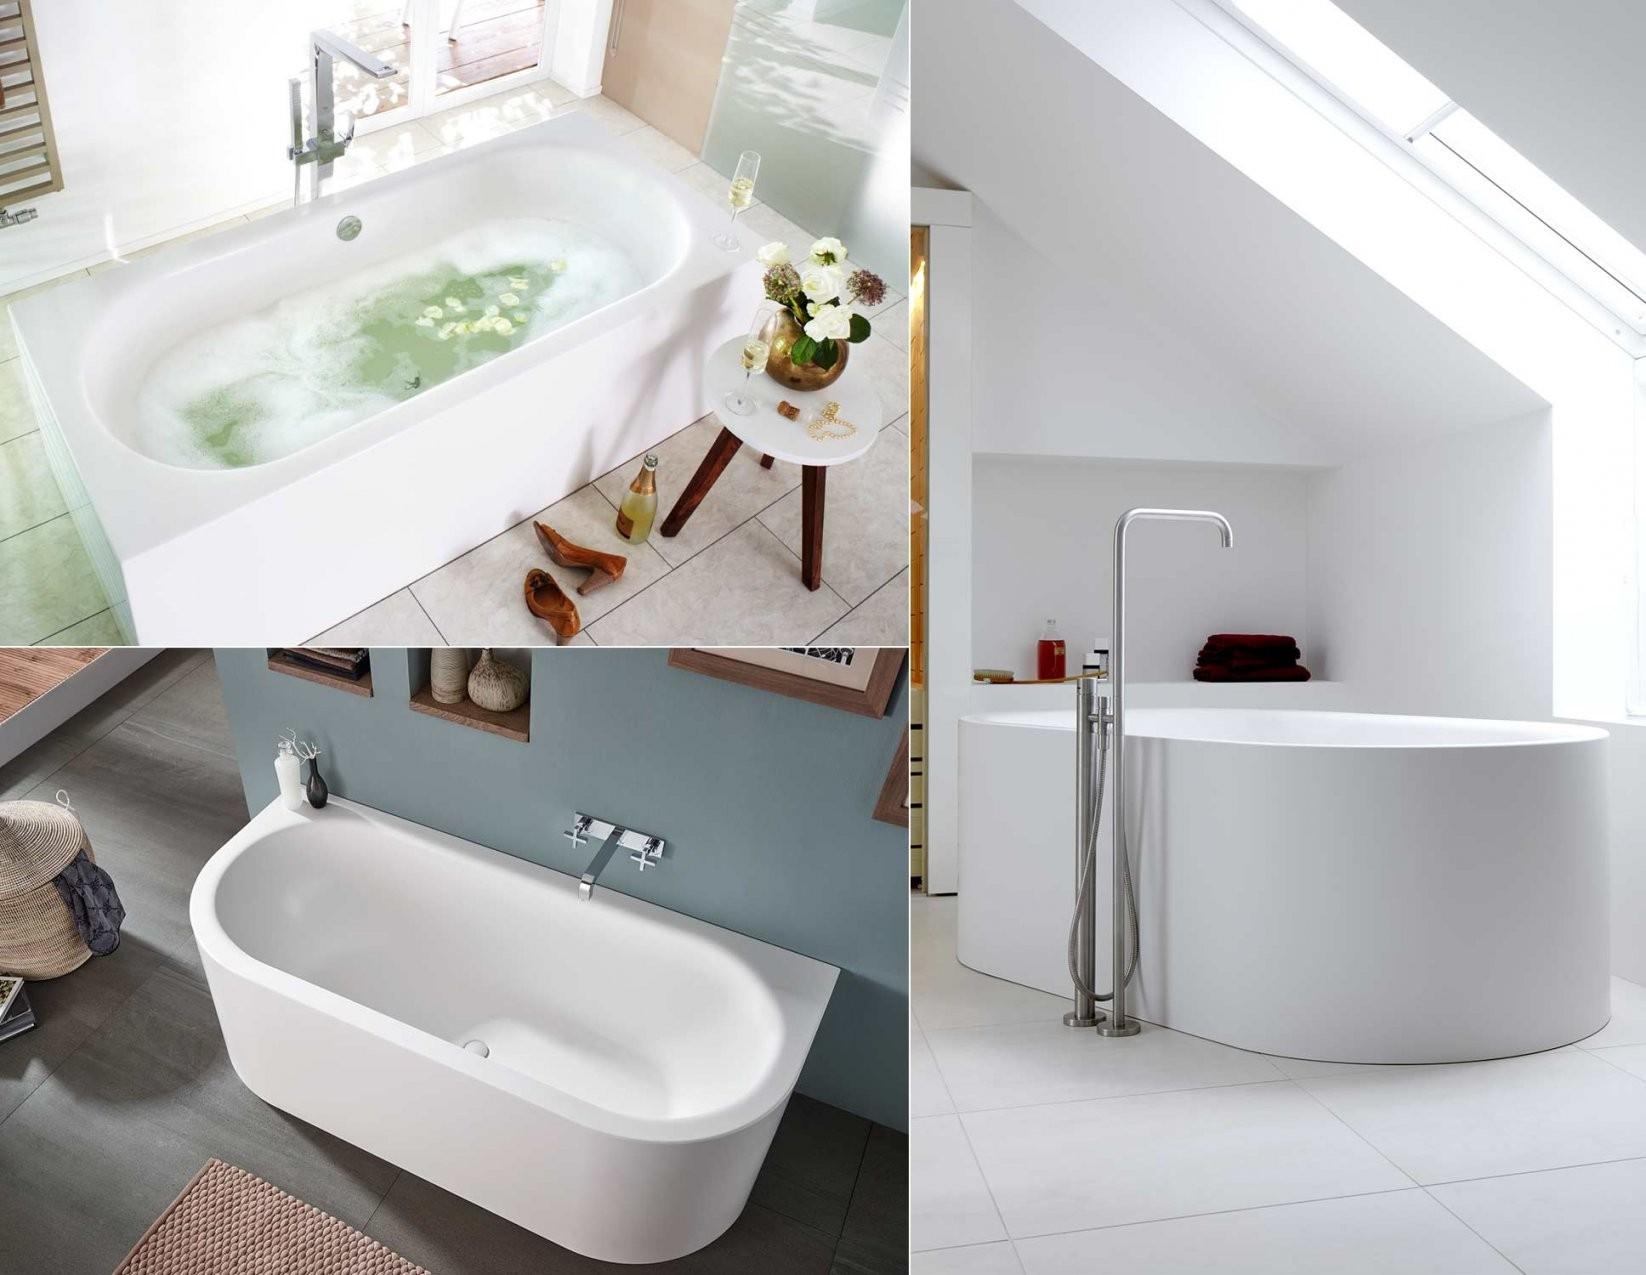 Moderne Freistehende Badewannen ▷ Von Mauersberger von Moderne Freistehende Badewannen Bild